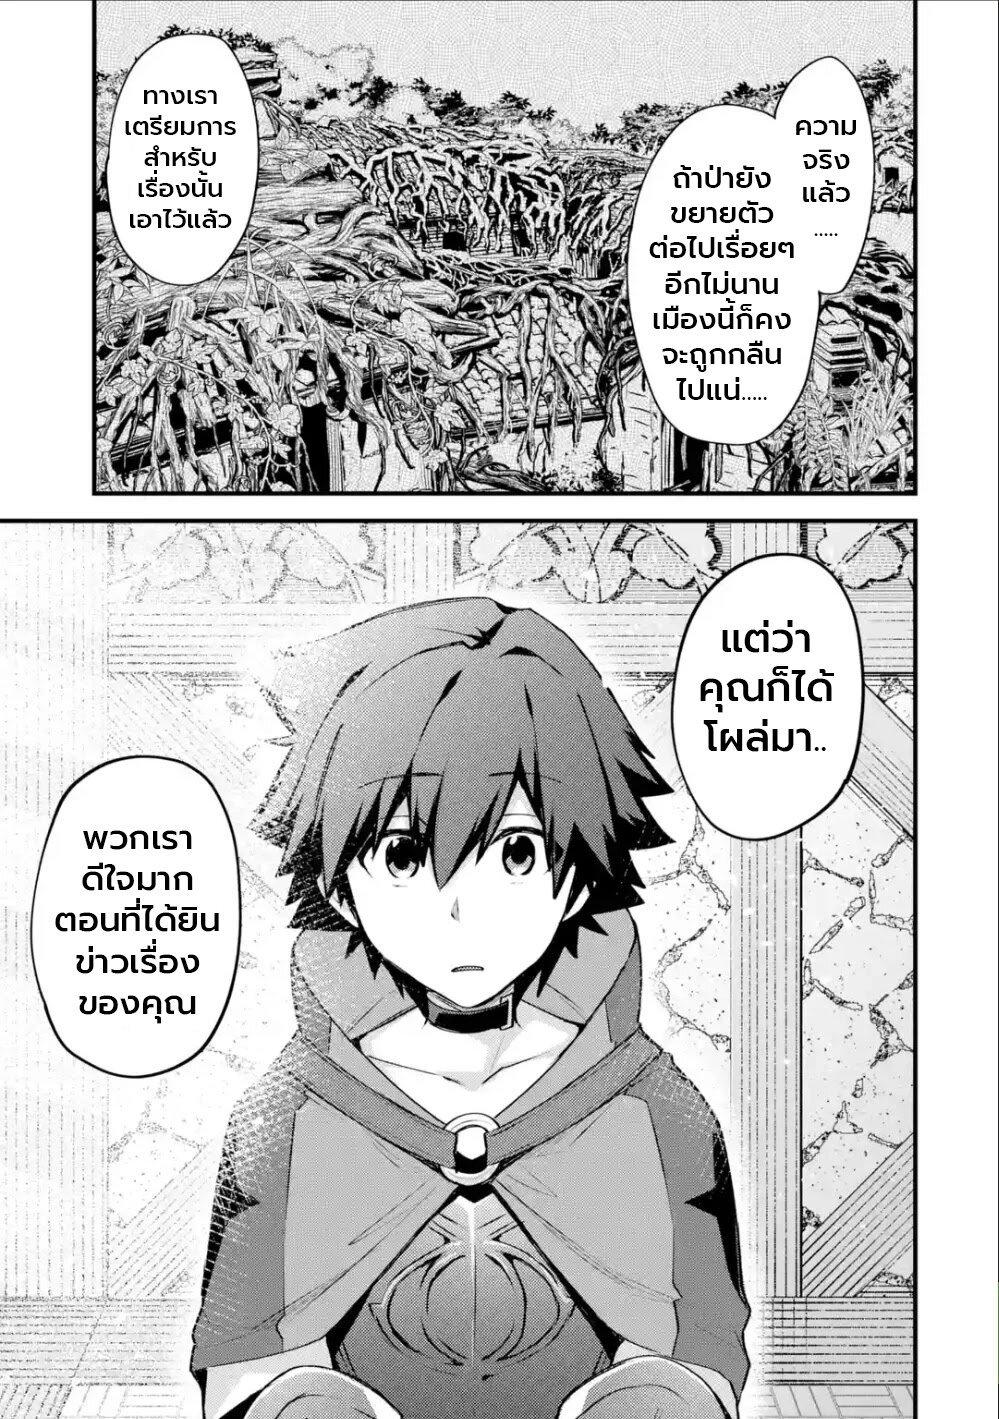 อ่านการ์ตูน Nido Tensei Shita Shounen wa S Rank Boukensha Toshite Heion ni Sugosu-zense ga kenja de eiyuu datta boku wa raisede wa jimini ikiru ตอนที่ 16 หน้าที่ 23